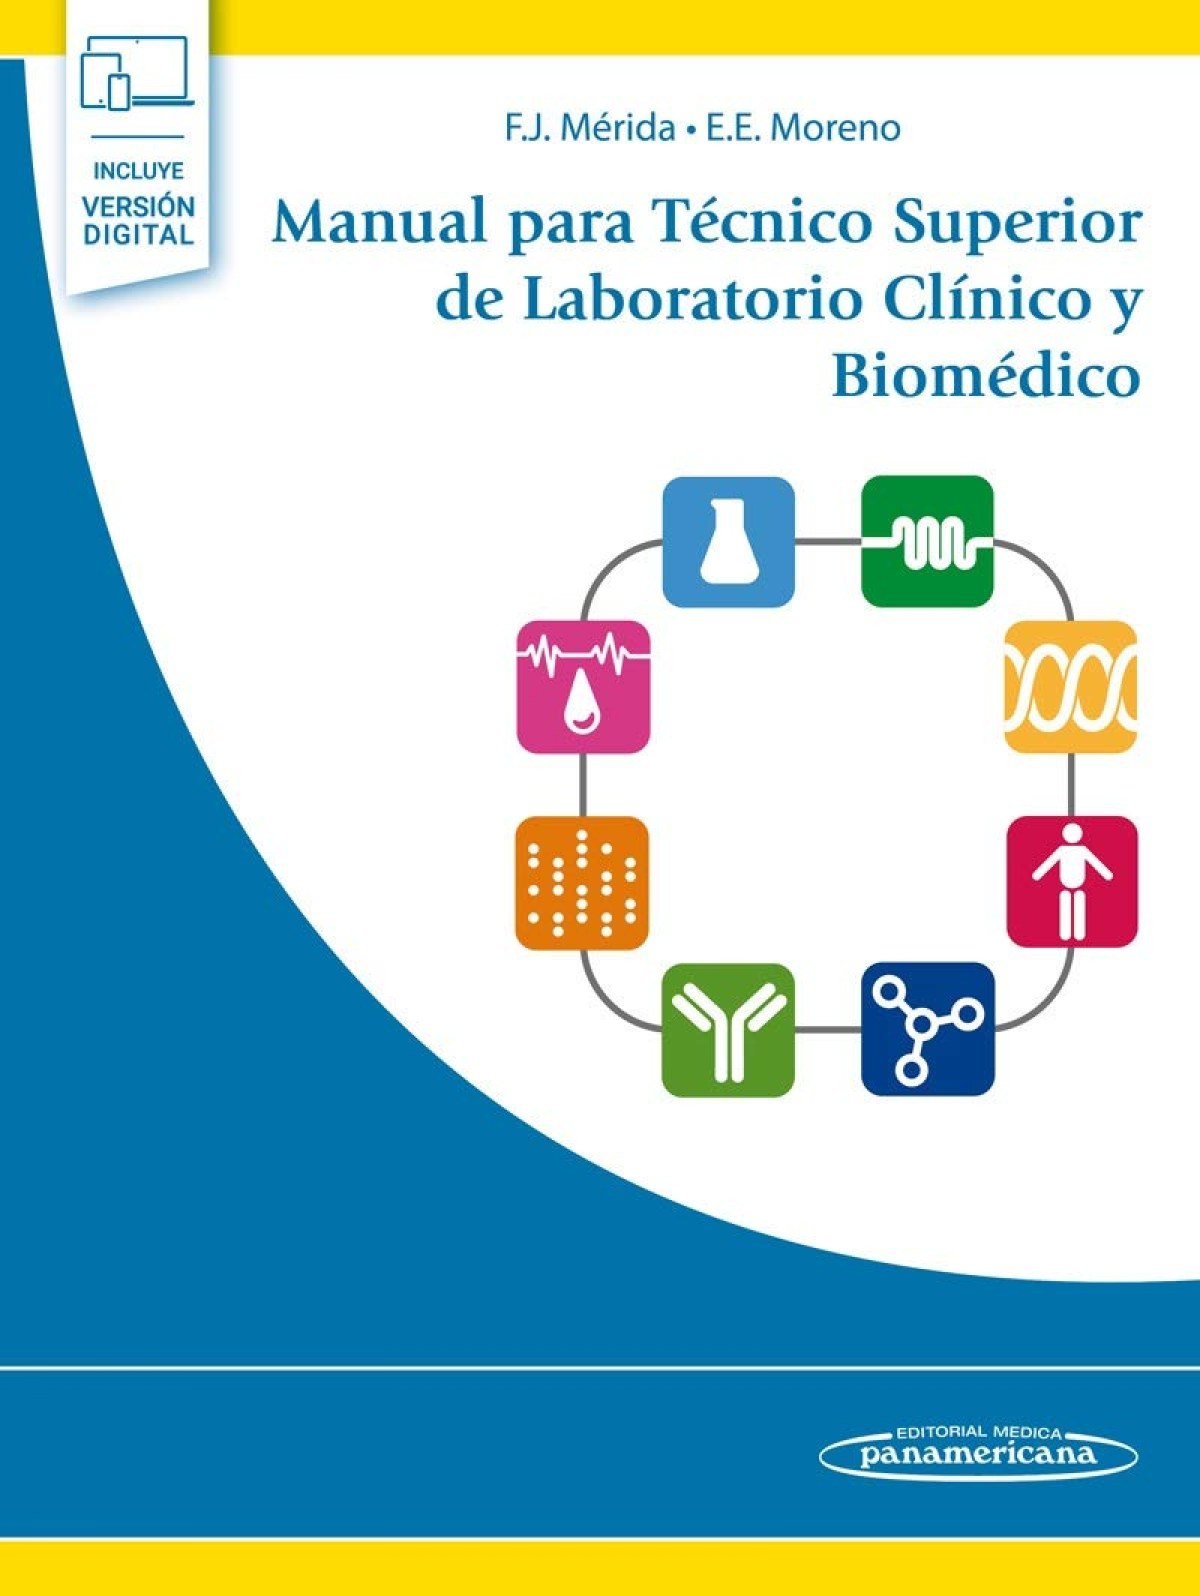 Manual para Técnico Superior de Laboratorio Clínico y Biomédico+v